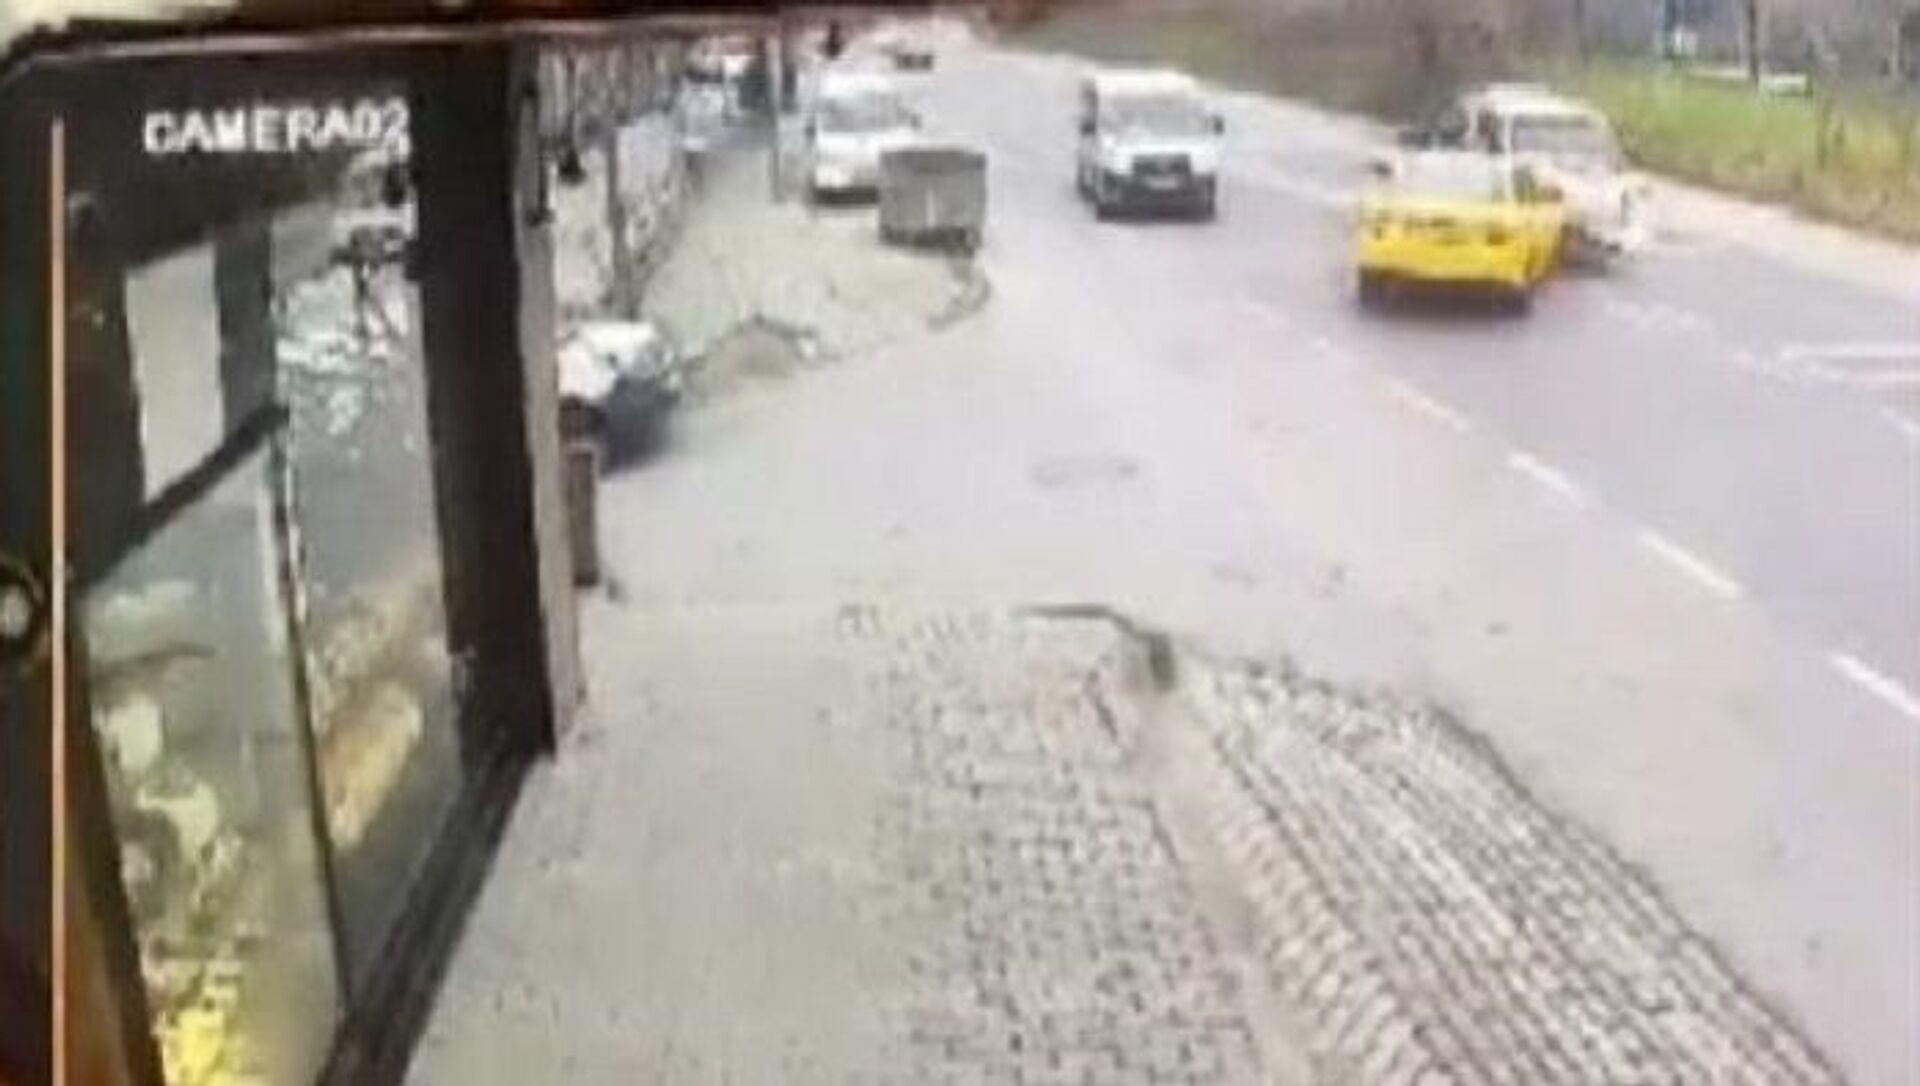 Başakşehir, hatalı sollama, zincirleme kaza - Sputnik Türkiye, 1920, 20.04.2021